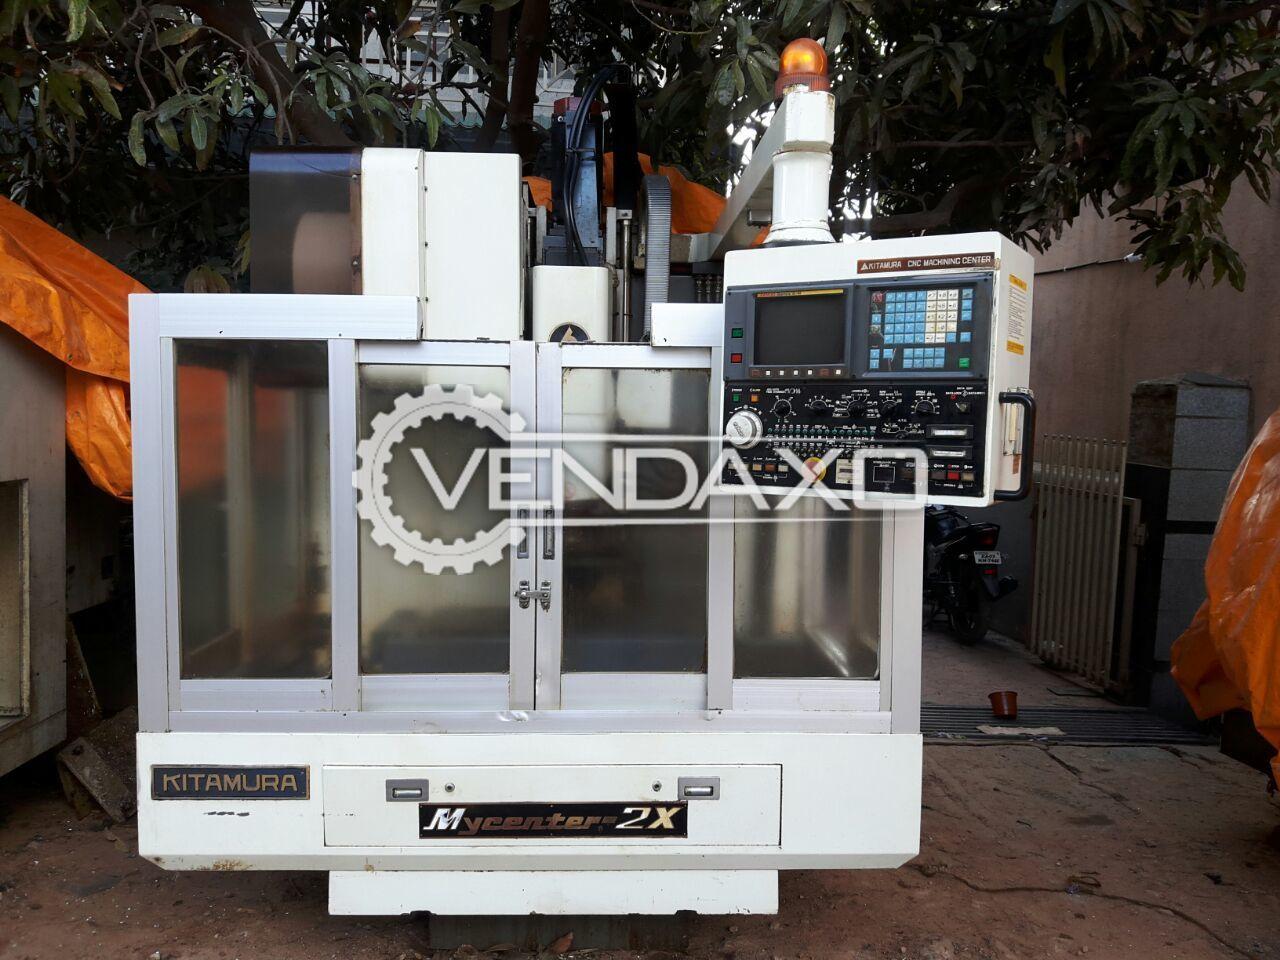 Kitamura My Center- 2X CNC Vertical Machining Center